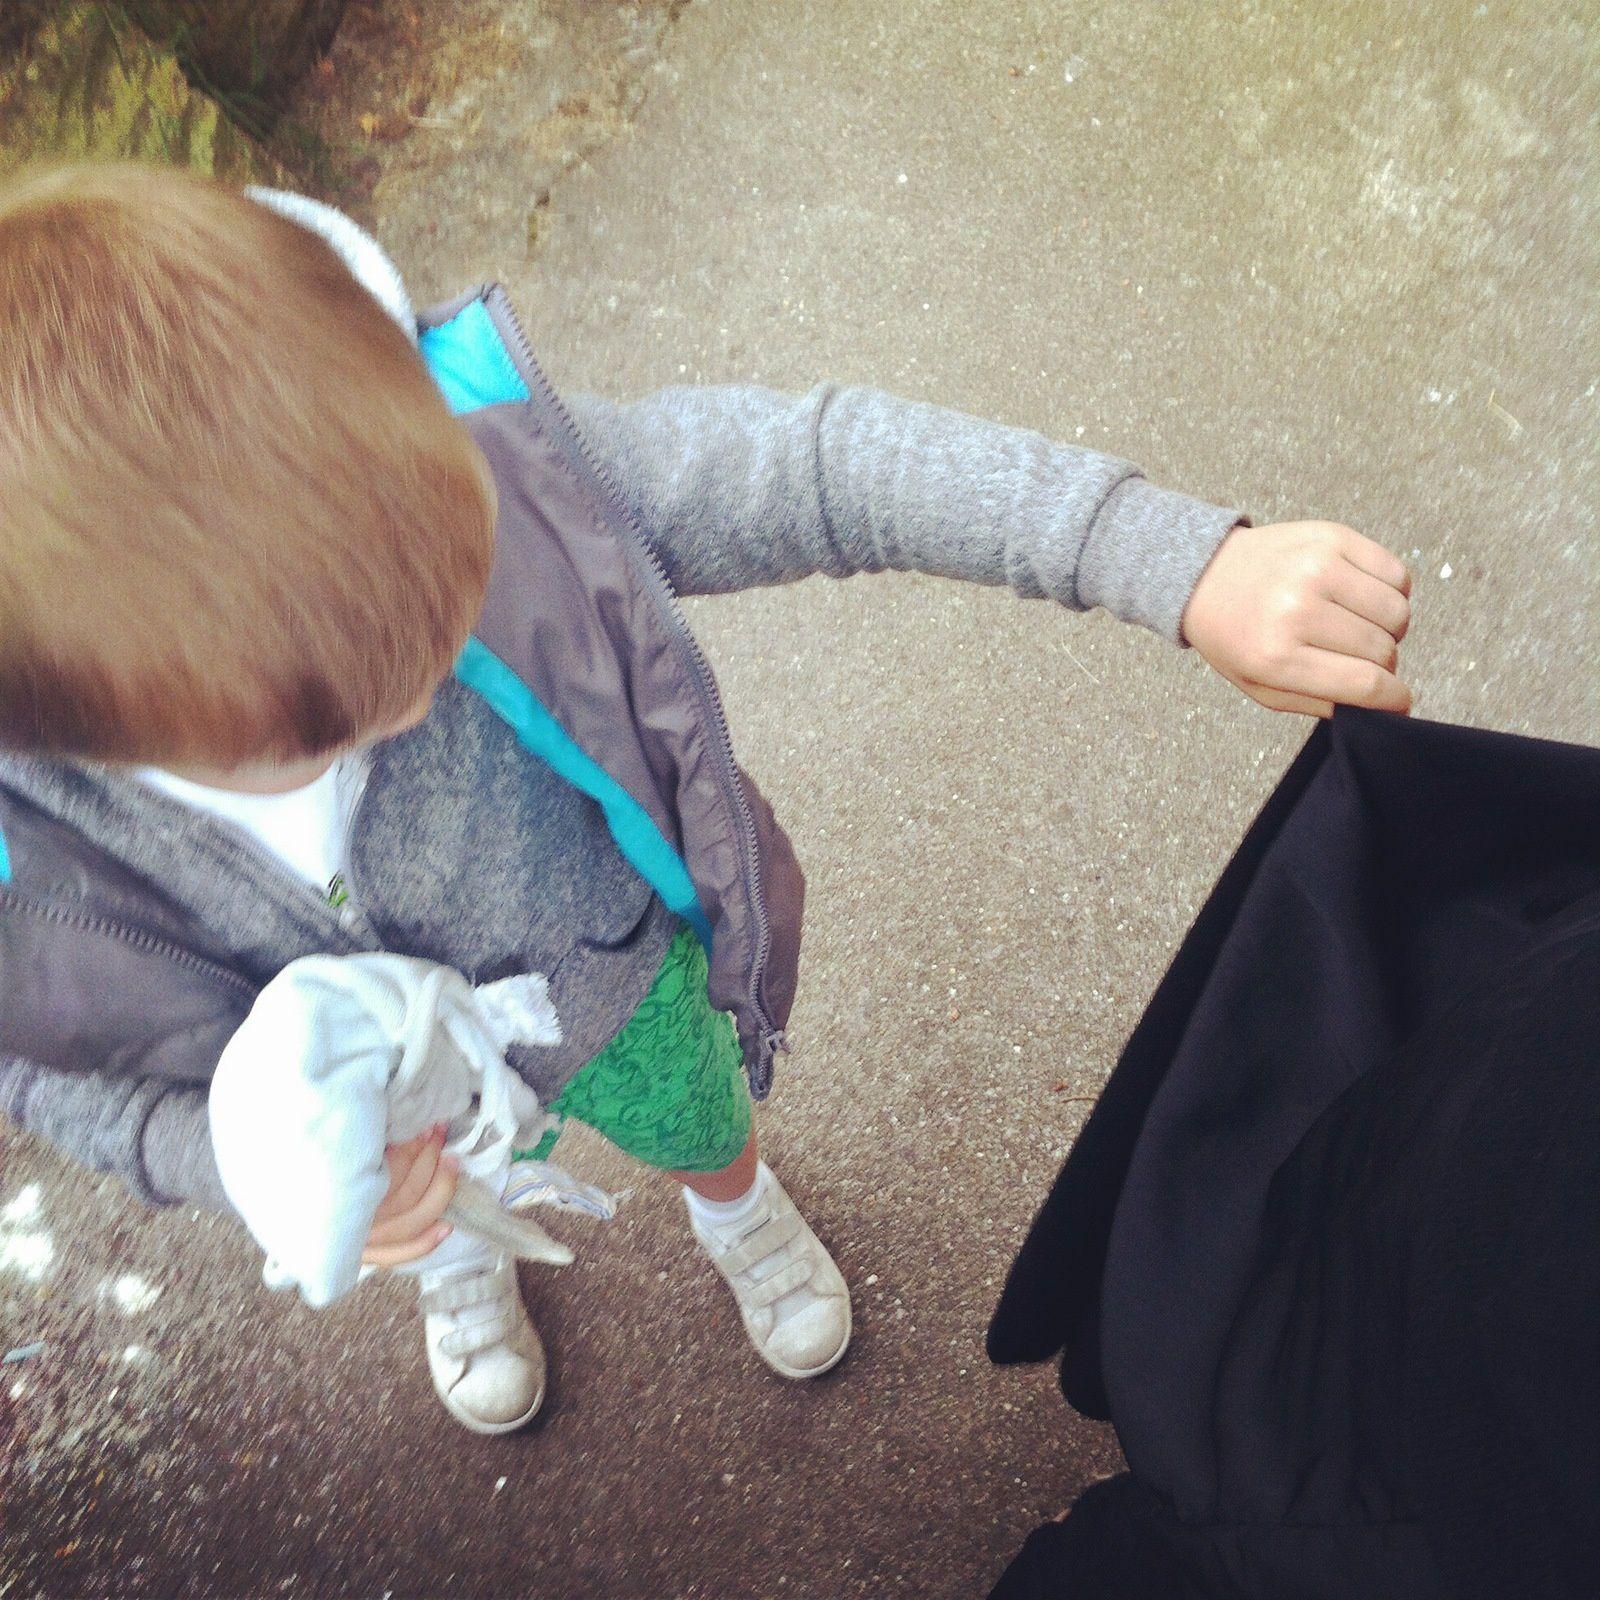 mon mini B ce petit homme super galant : il tient ma jupe qui touche par terre #tropchou je suis sous le charme